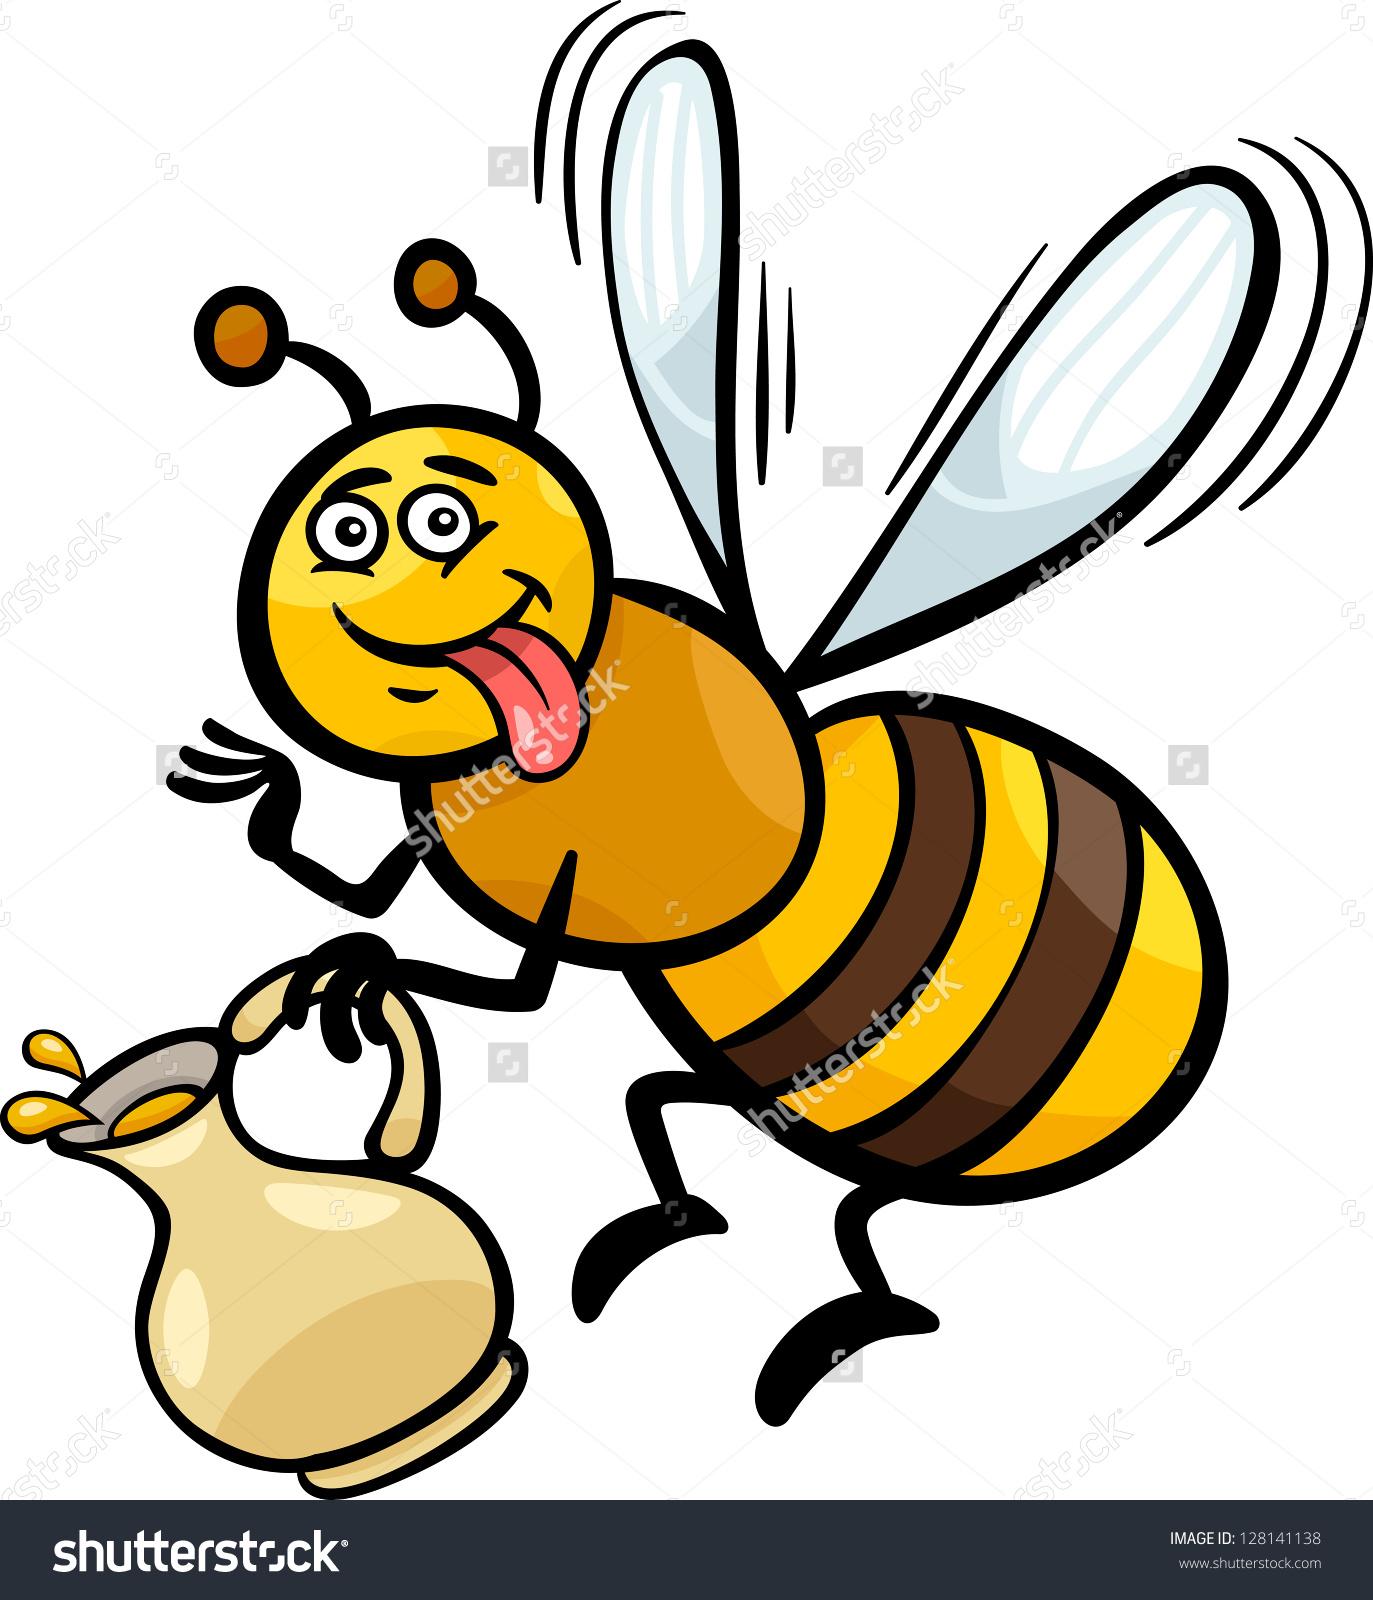 1373x1600 Honey Bee Drawing Cartoon Cartoon Illustration Funny Bee Pot Honey